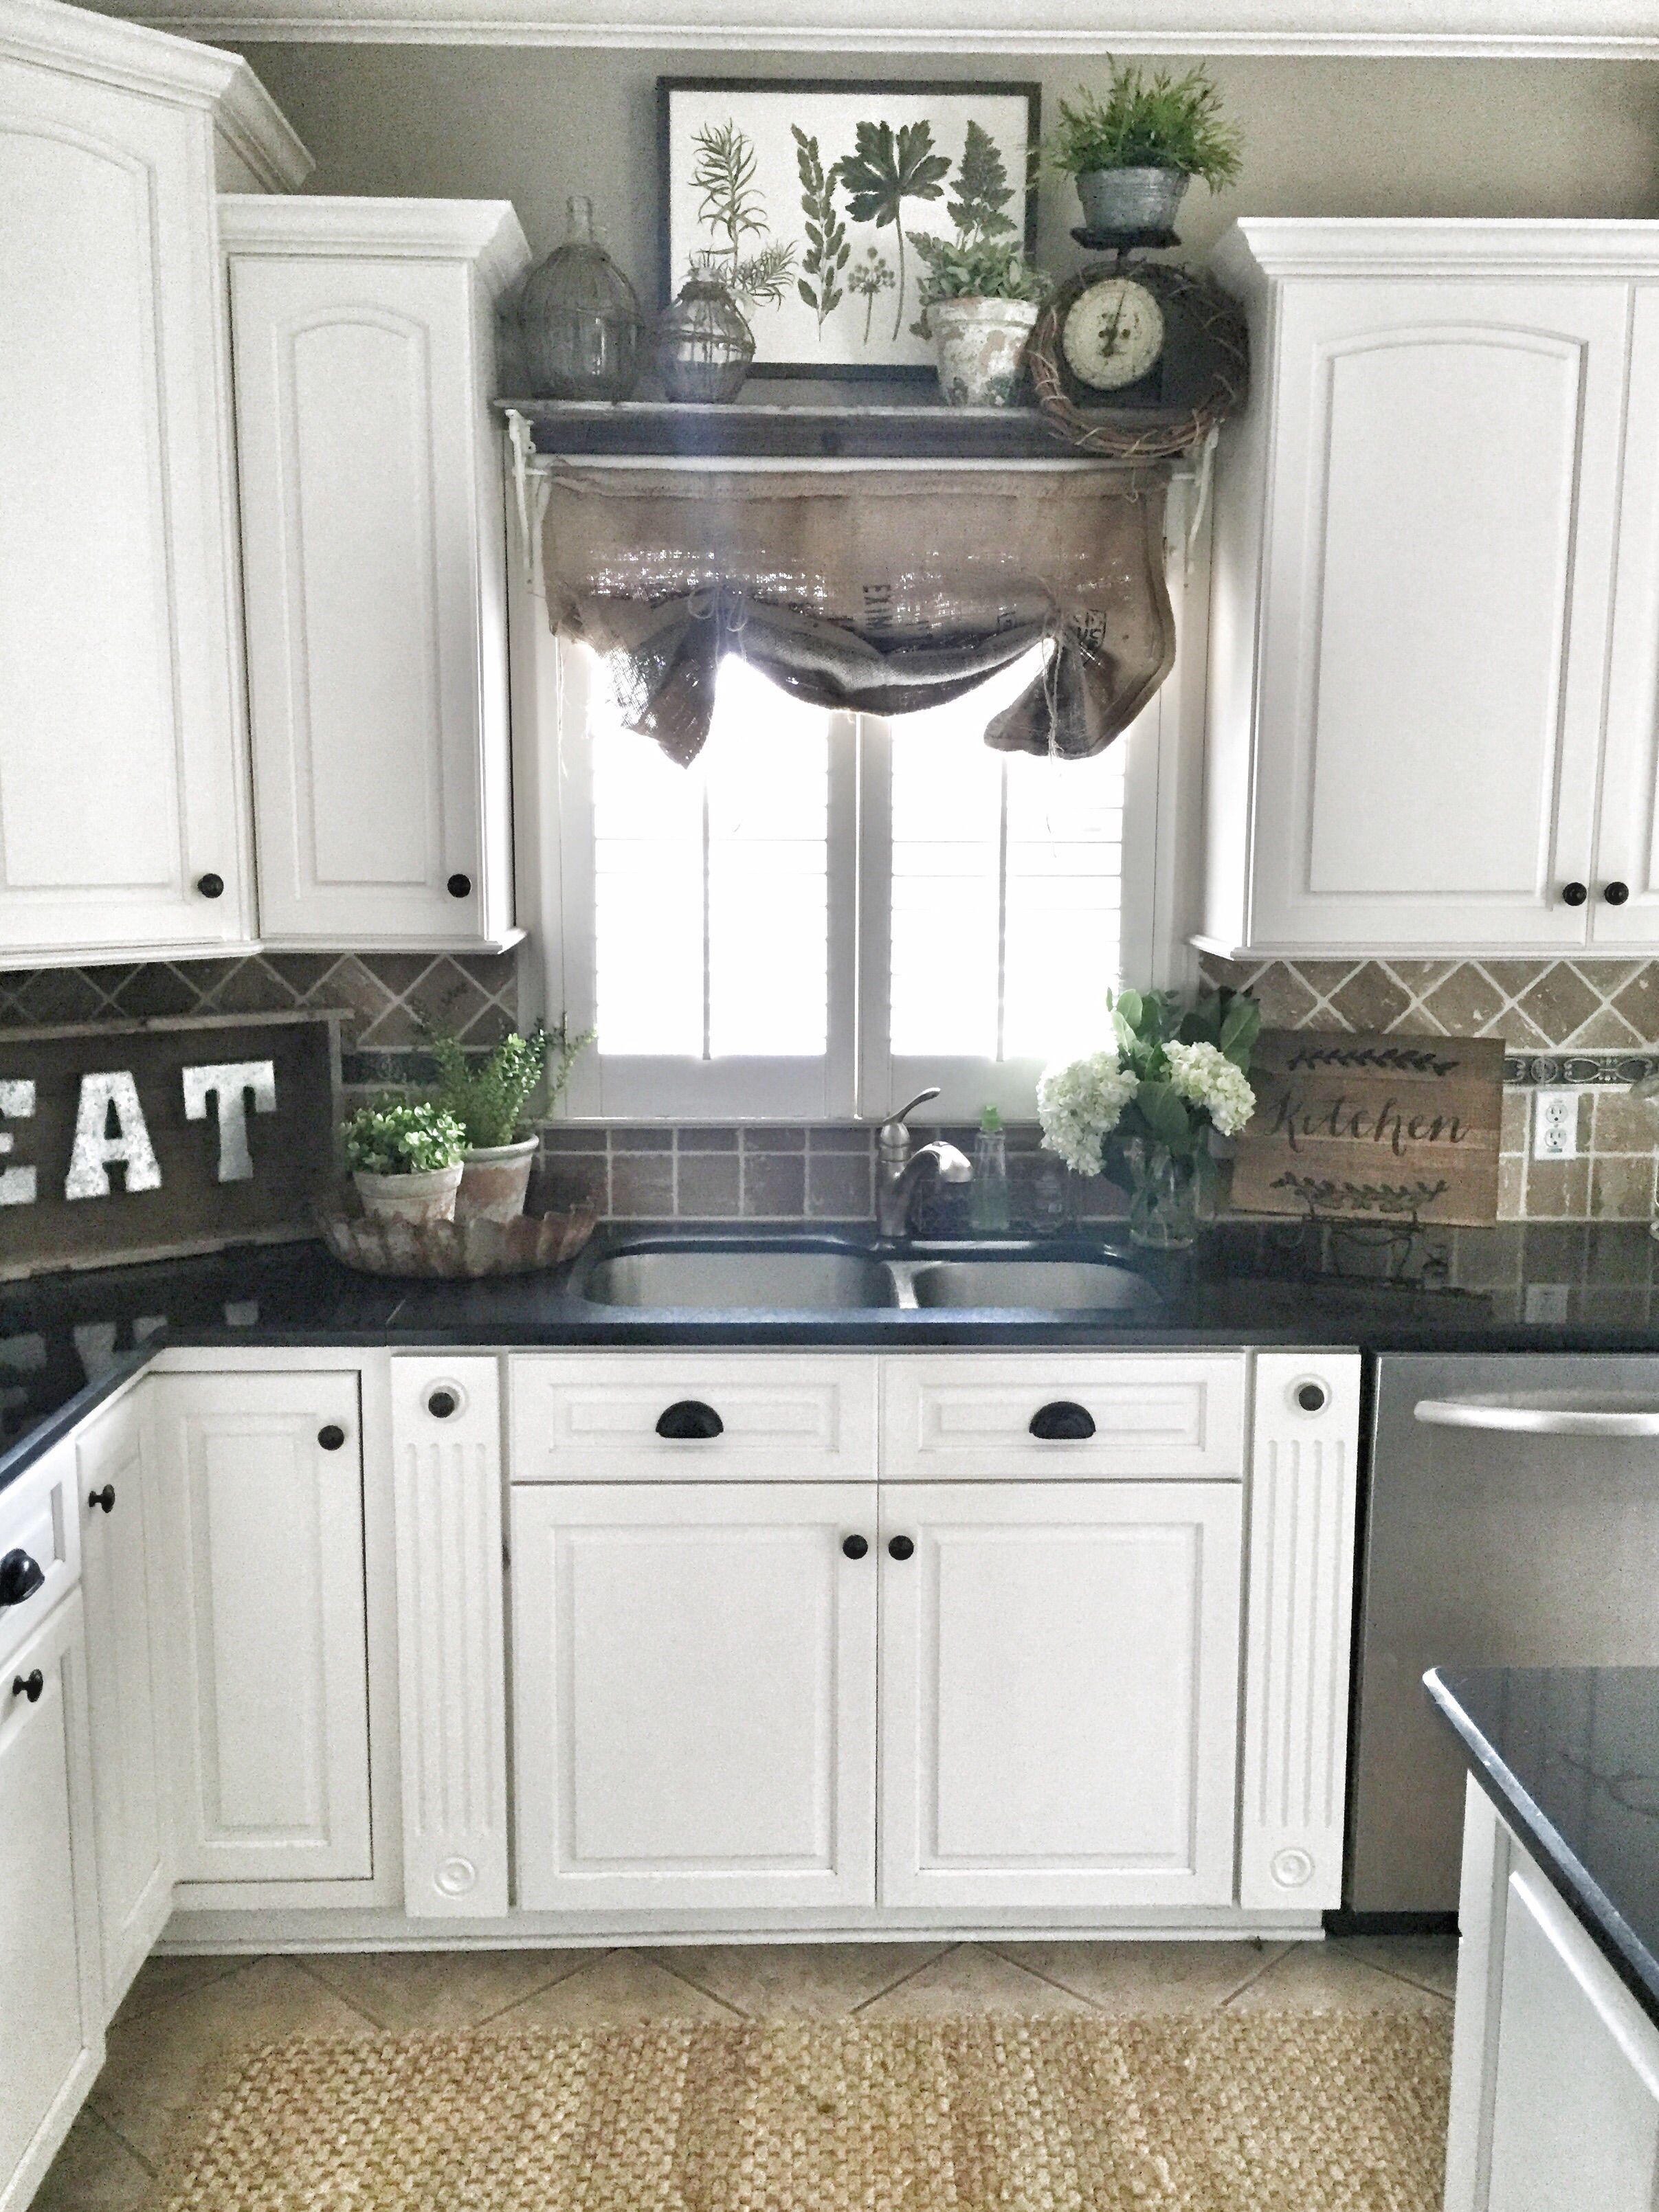 Window above kitchen sink  farmhouse kitchen decor shelf over sink in kitchen  home decor